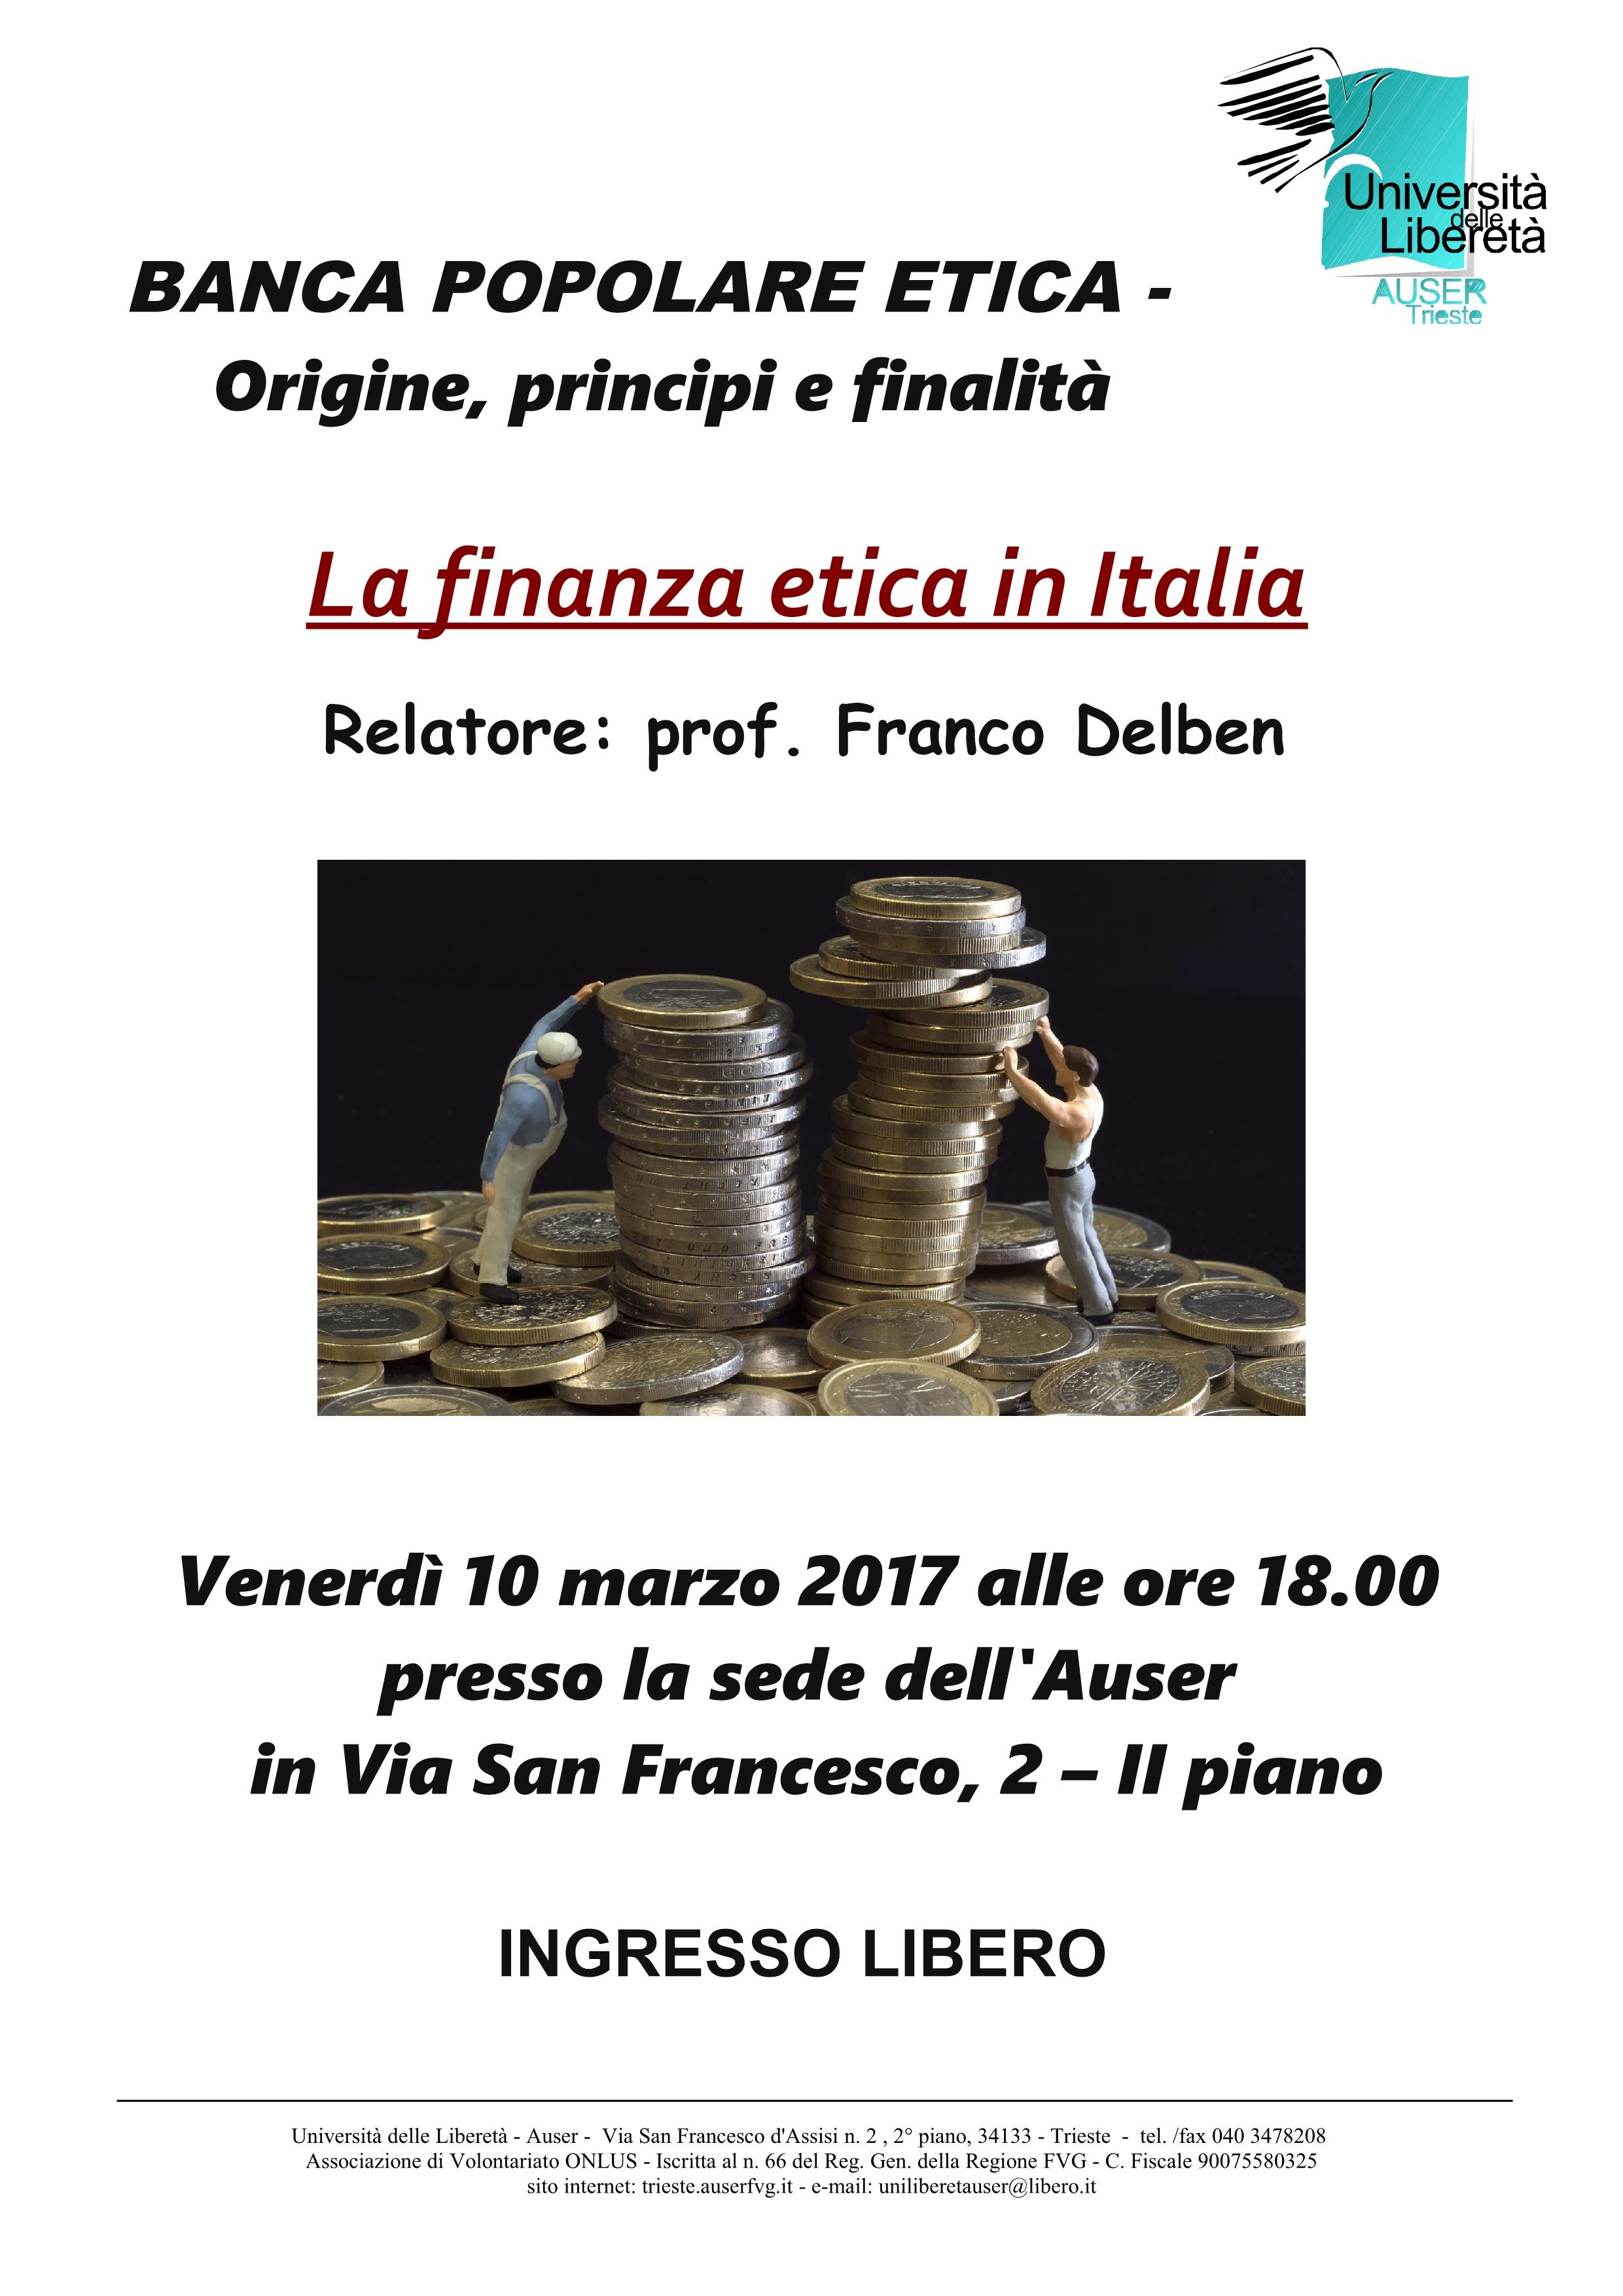 BANCA ETICA 2